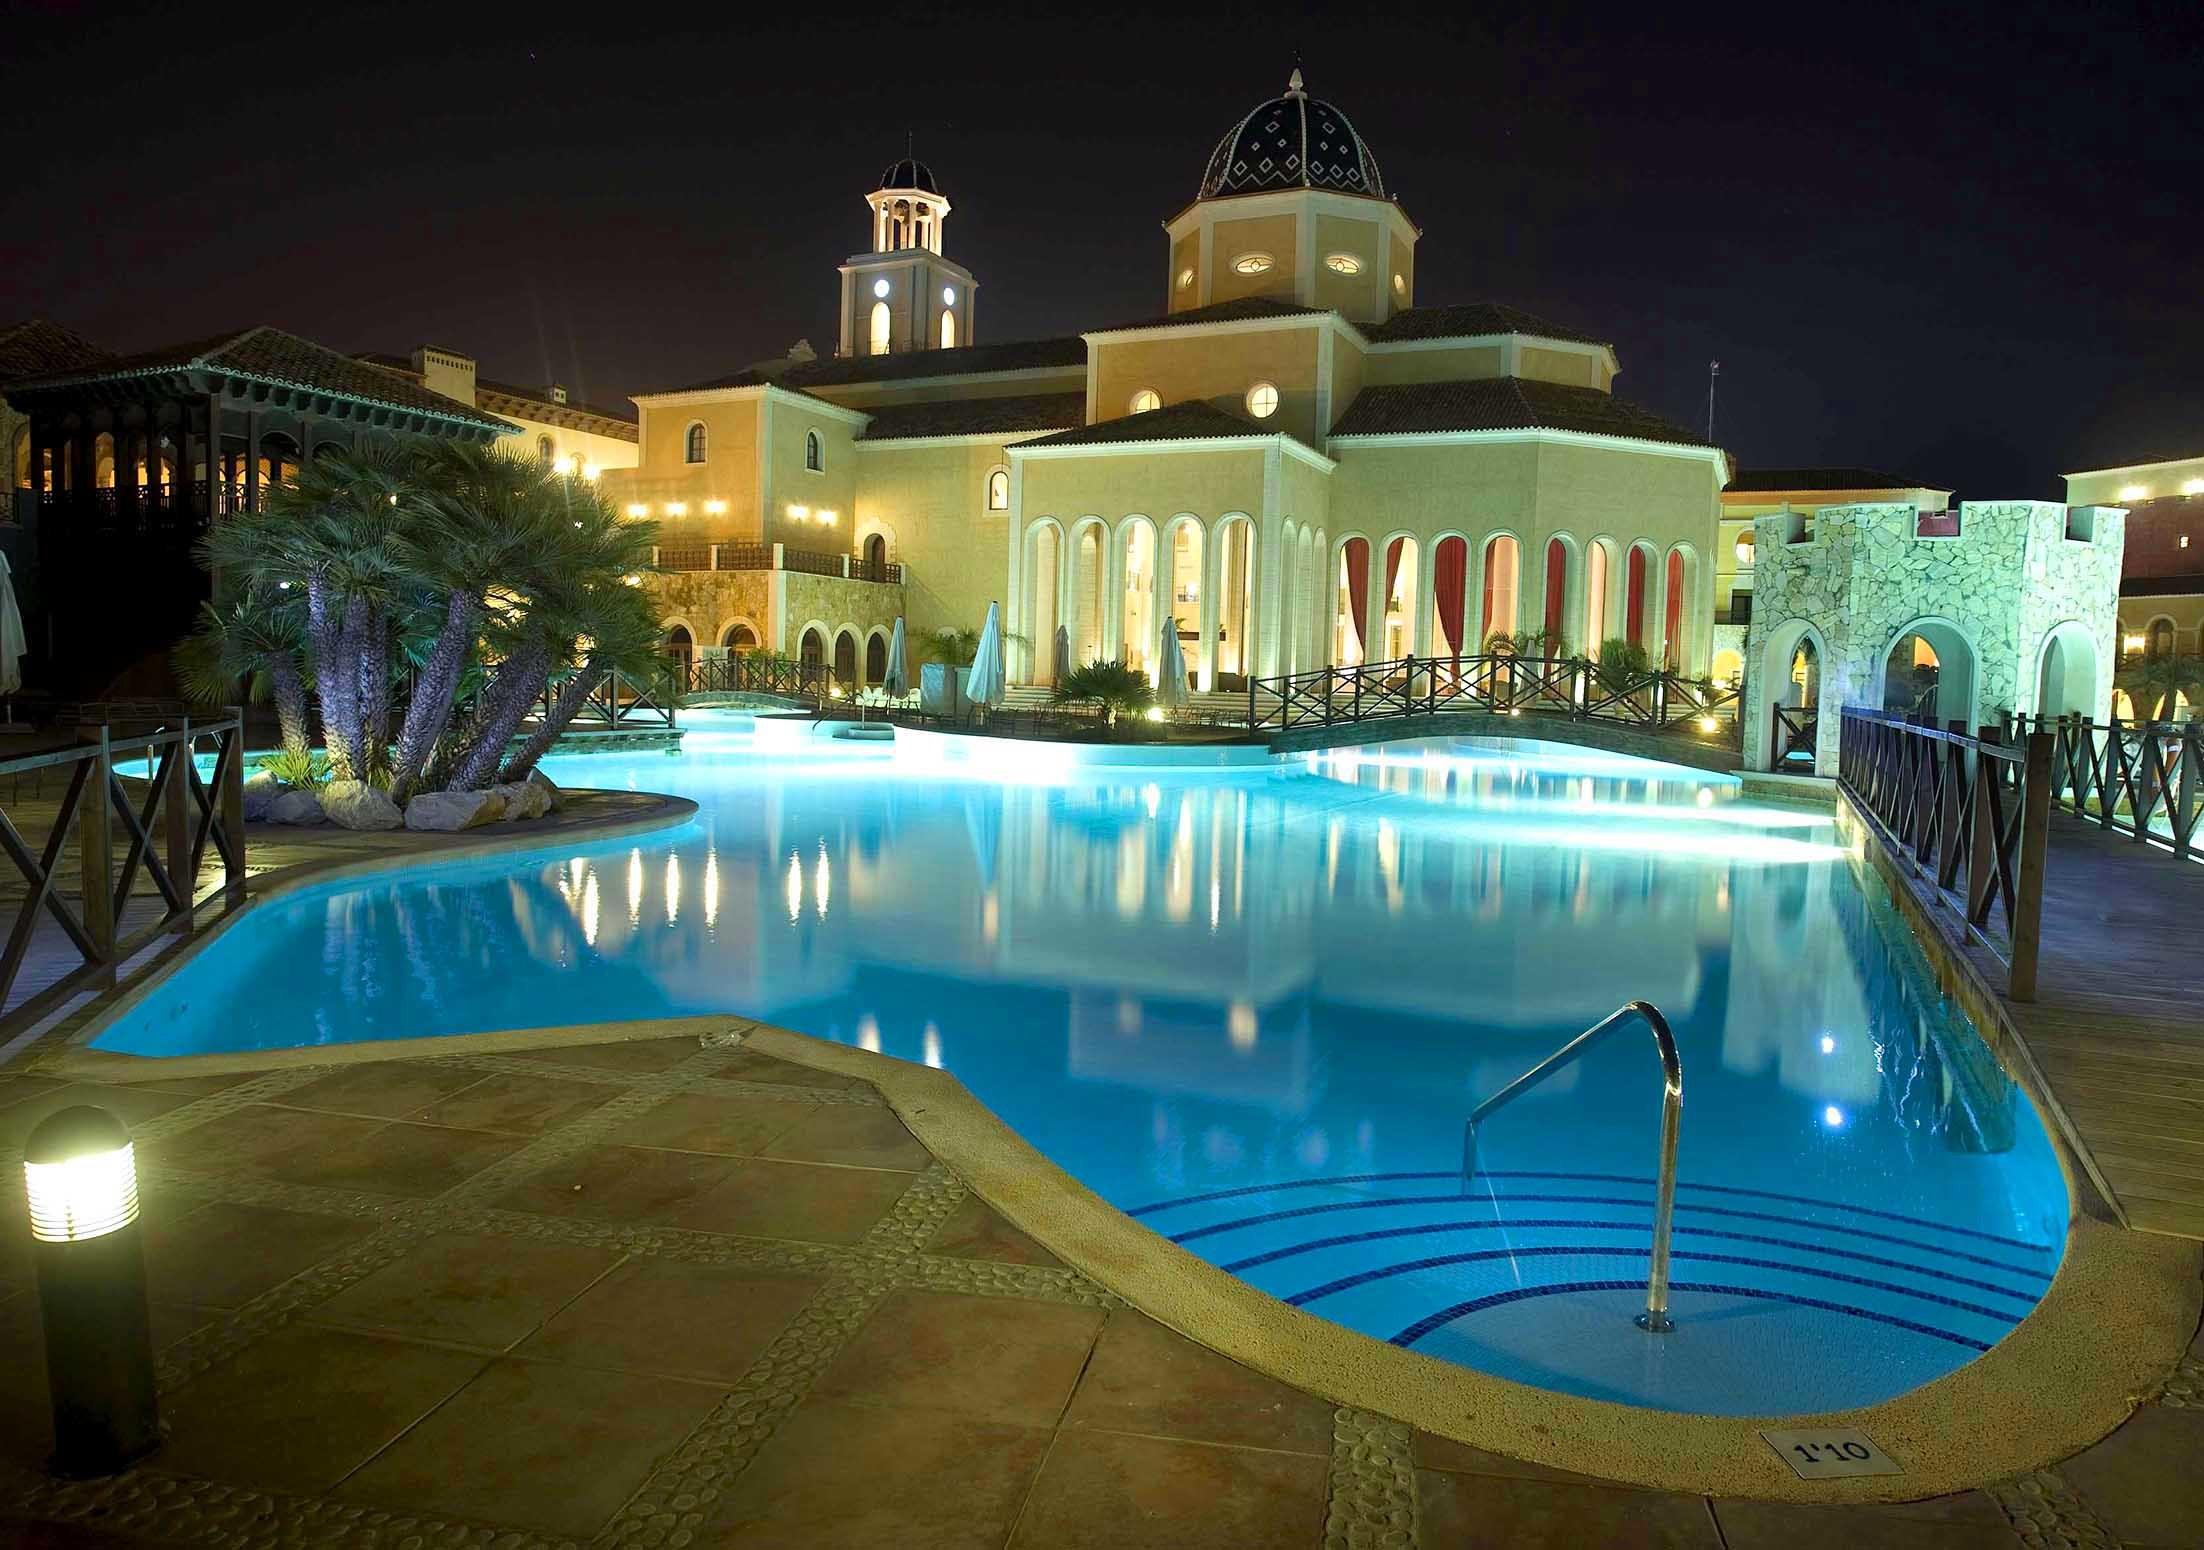 Instalaciones exteriores iluminadas de un hotel de cinco estrellas.